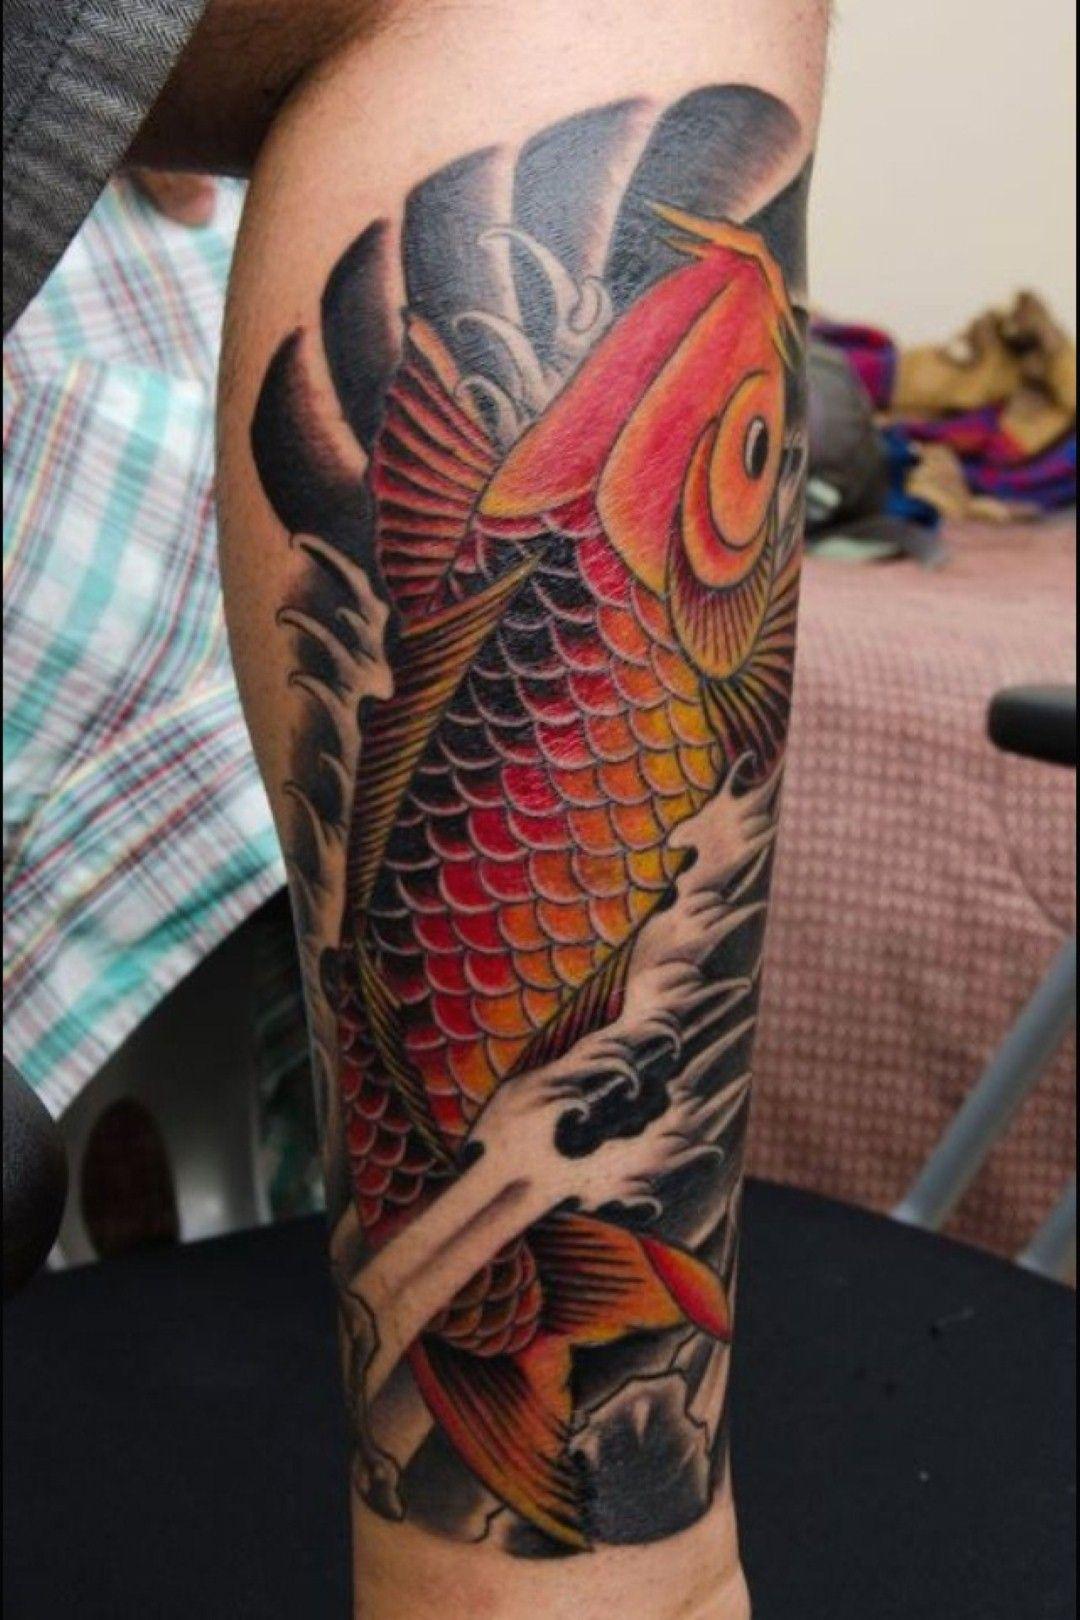 Best Koi Fish Tattoo Ideas | Tattoo | Pinterest | Koi fish tattoo ...